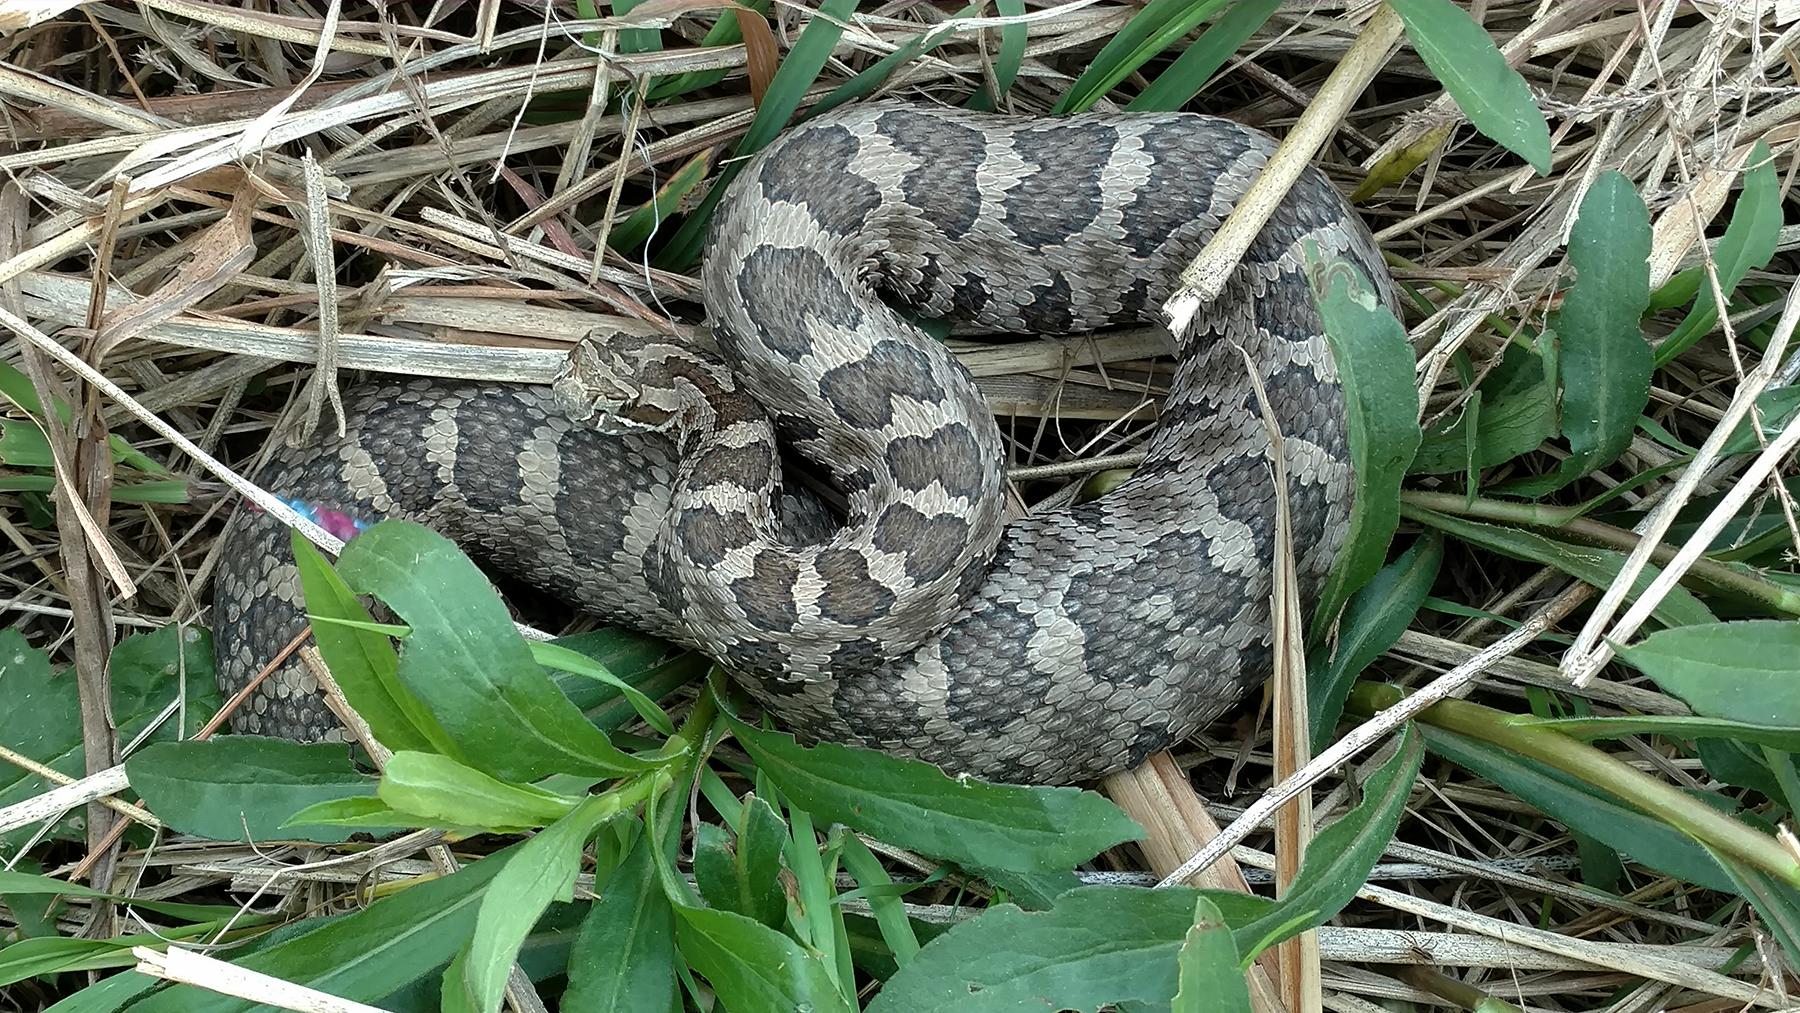 Massasauga Rattlesnake image courtesy of Michael Dreslik